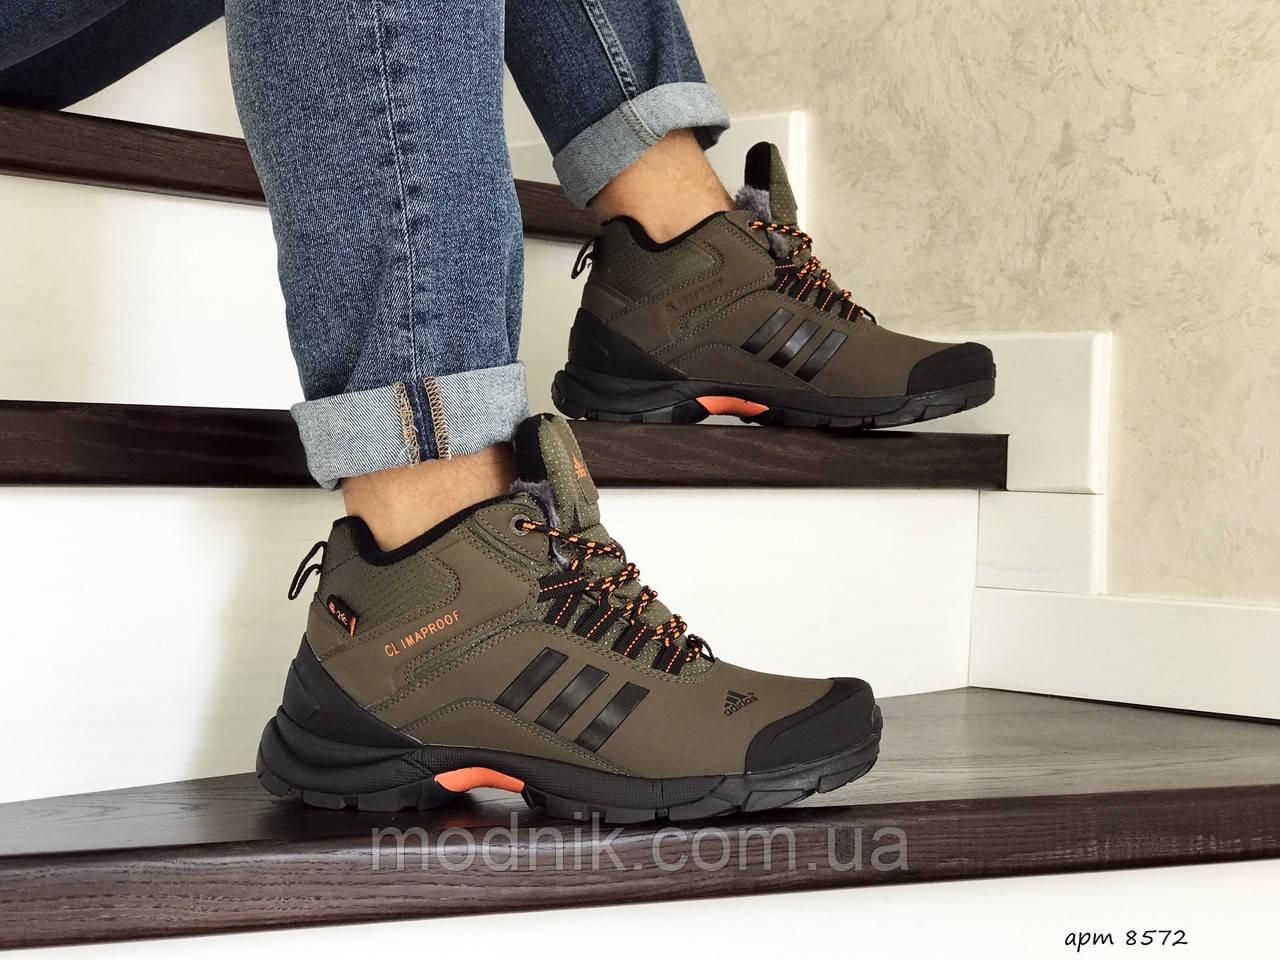 Мужские кроссовки Adidas Climaproof (темно-зеленые) ЗИМА